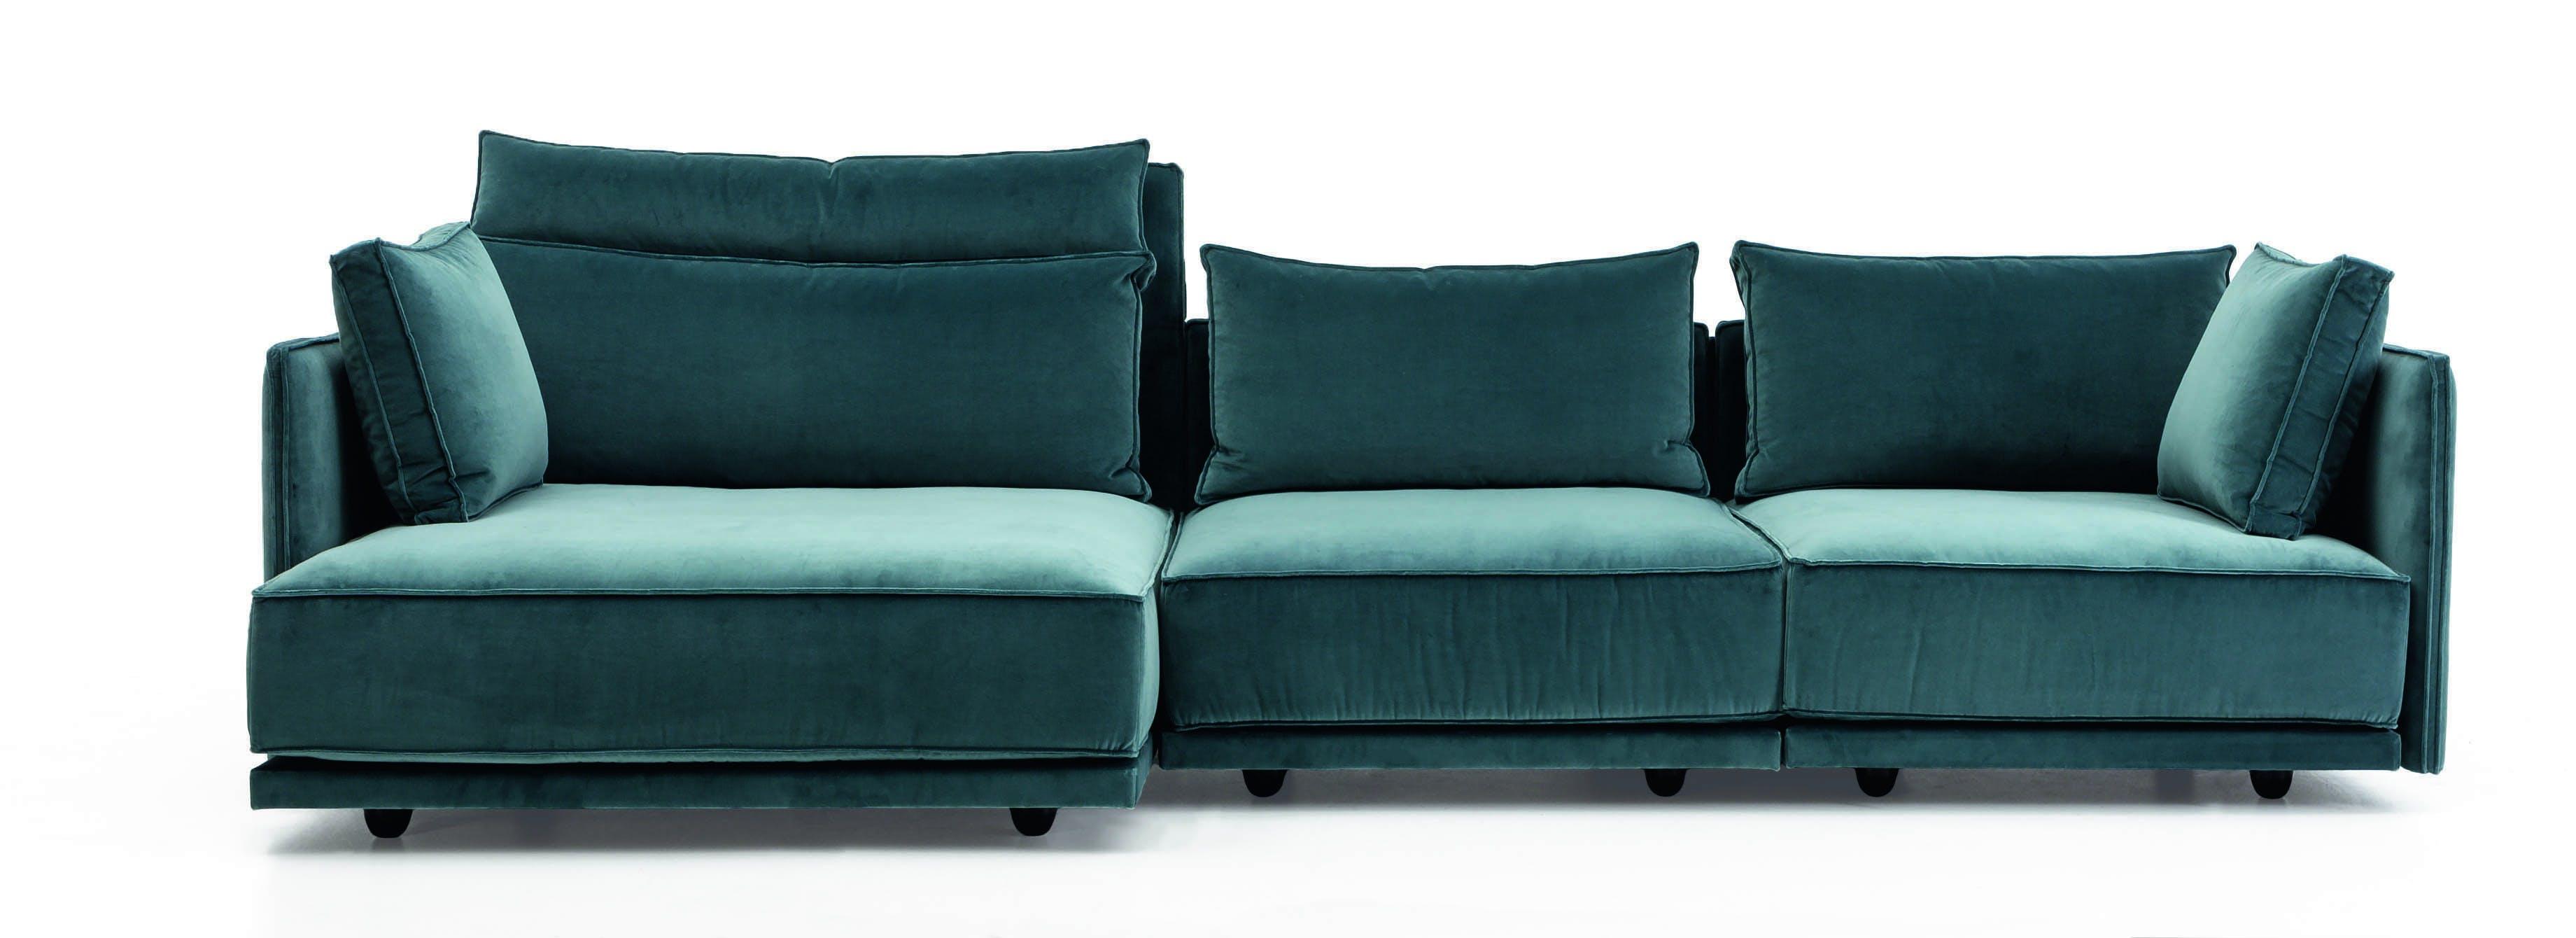 Jab Anstoetz Blue Velvet Cube Lounge Modular Sofa Front Haute Living